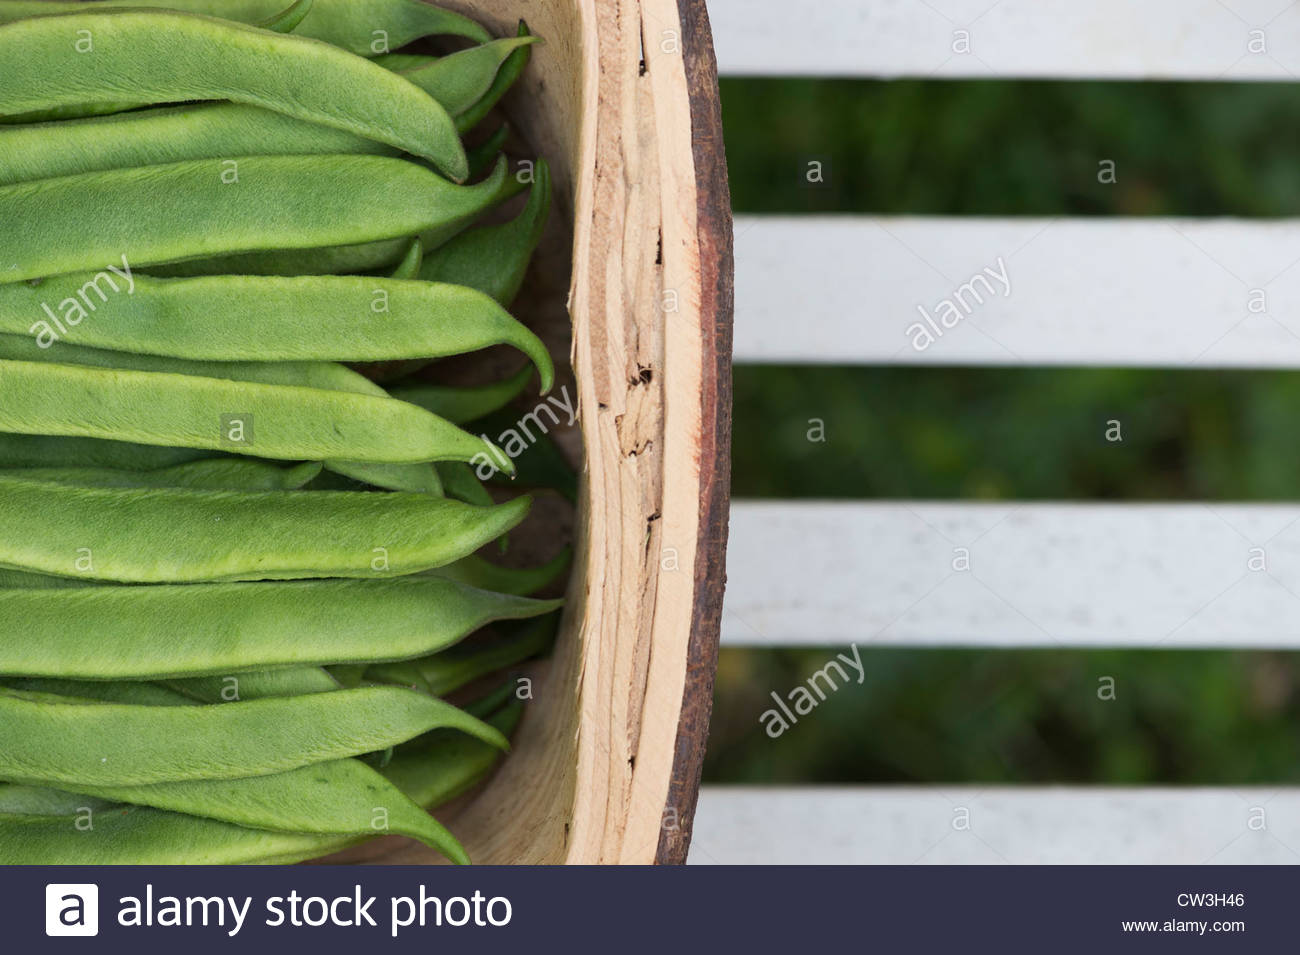 harvested scarlet emperor runner beans in a wooden basket